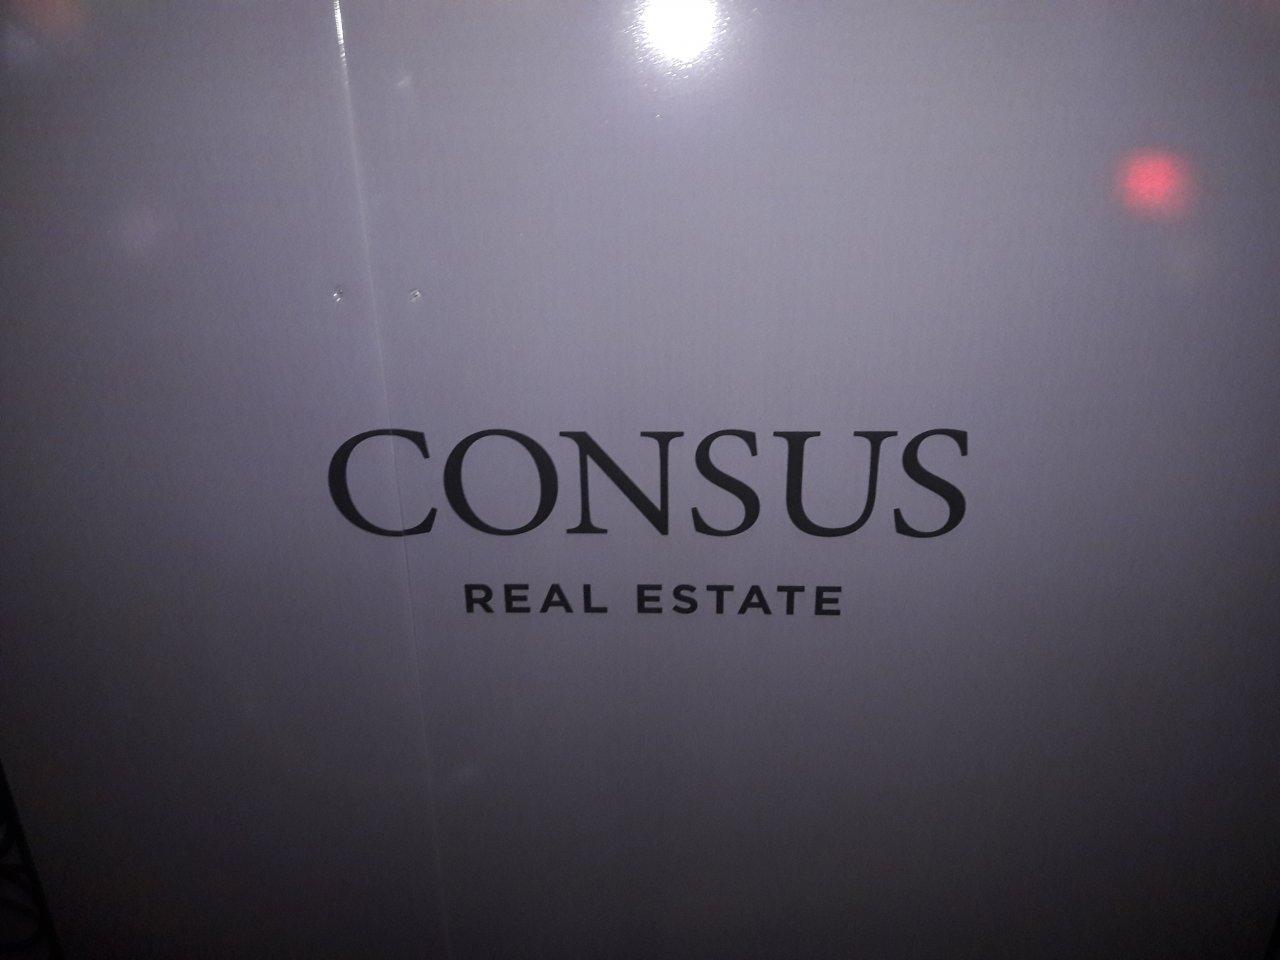 Consus-Real-Estate-Berlin.jpg